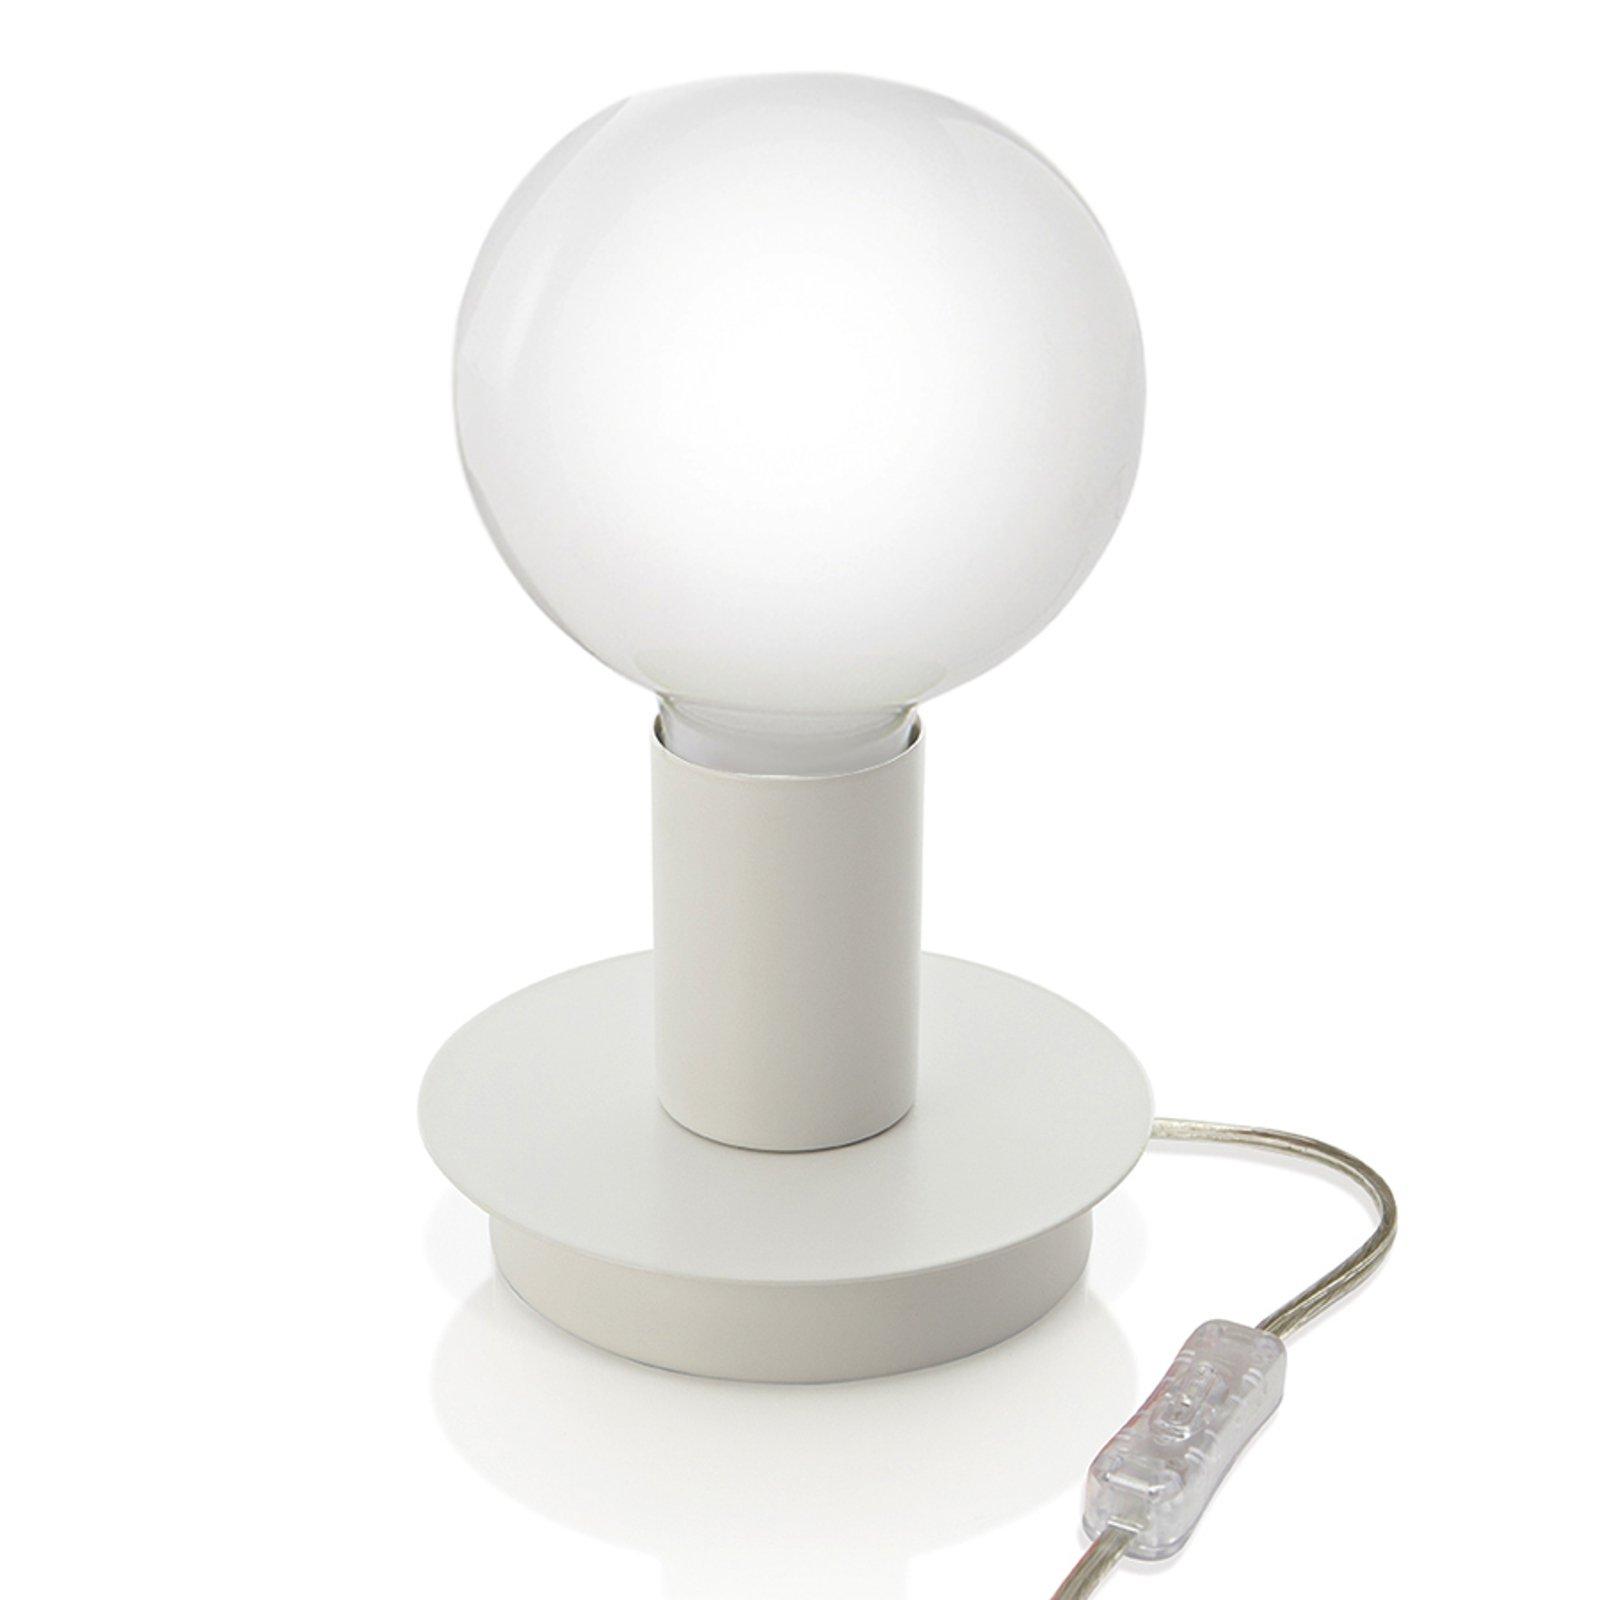 Puristisk bordlampe Lumetto - hvit